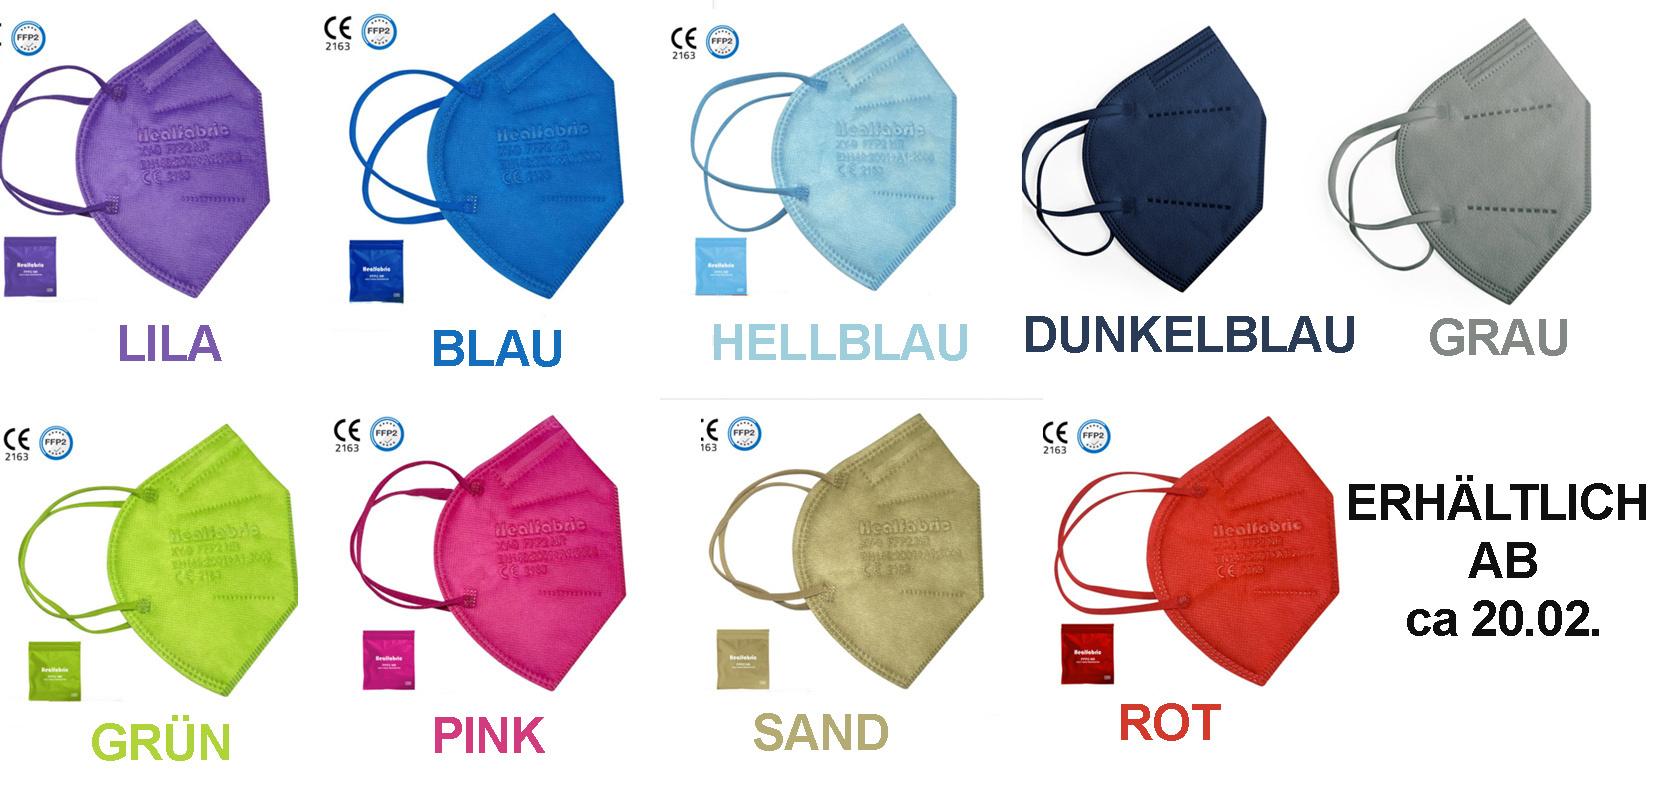 """Deal: 10 FFP2 Masks """"Hellblau"""""""